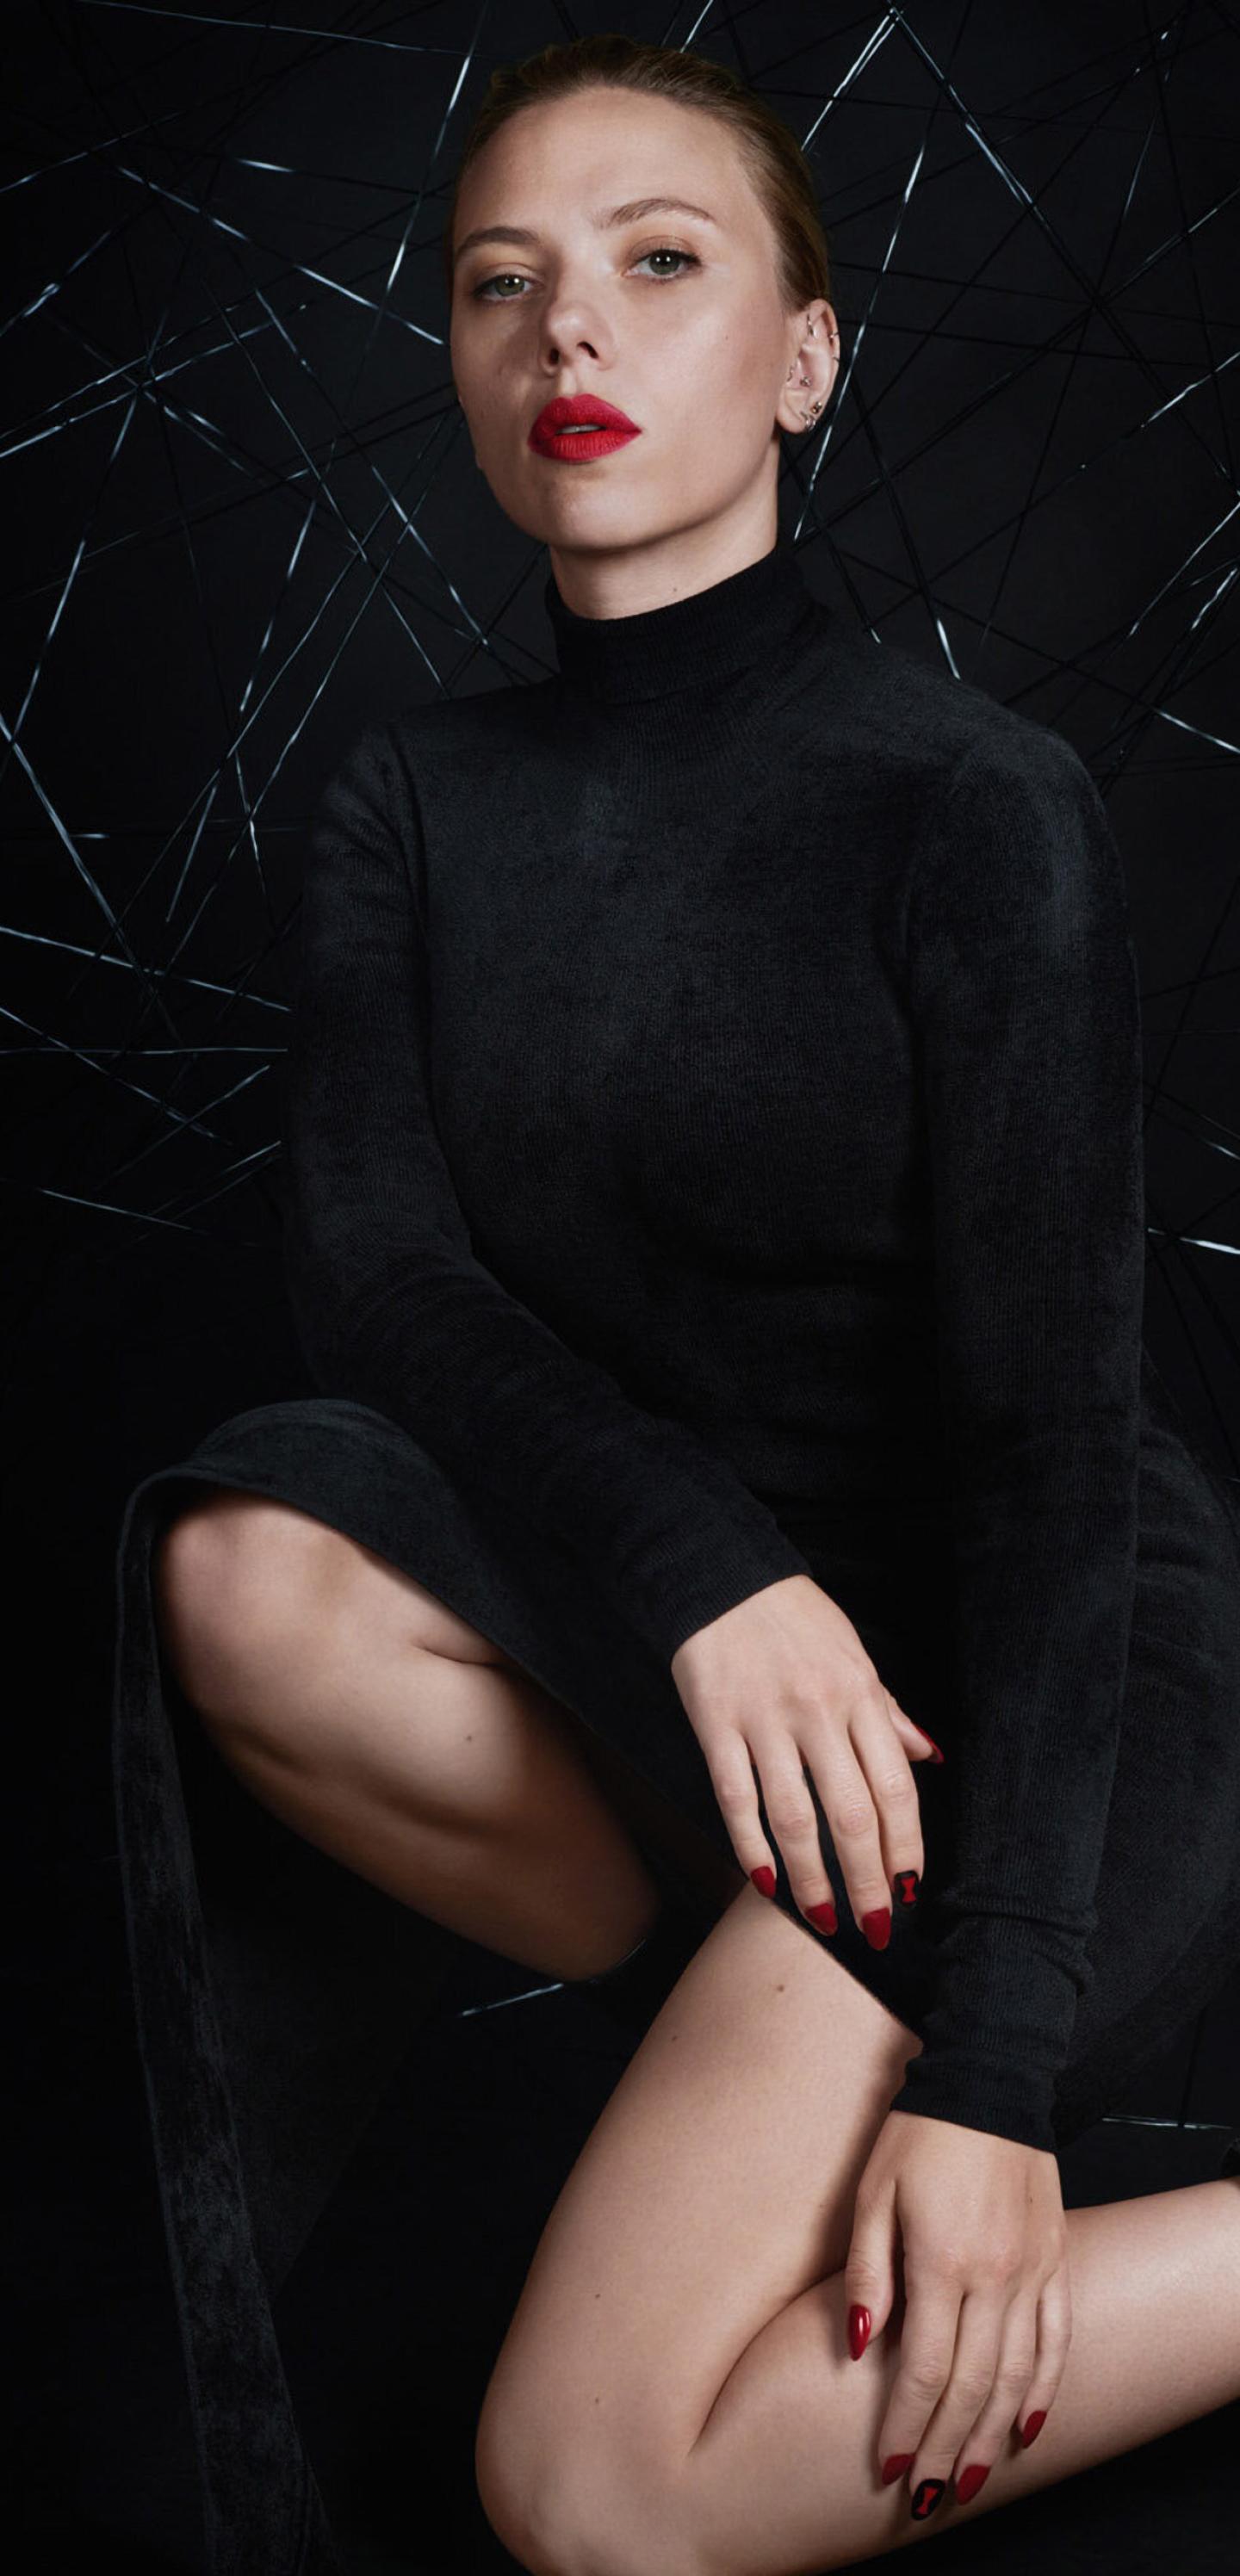 Hot Celebrity Scarlett Johansson HQ HD Wallpapers - HQ HD